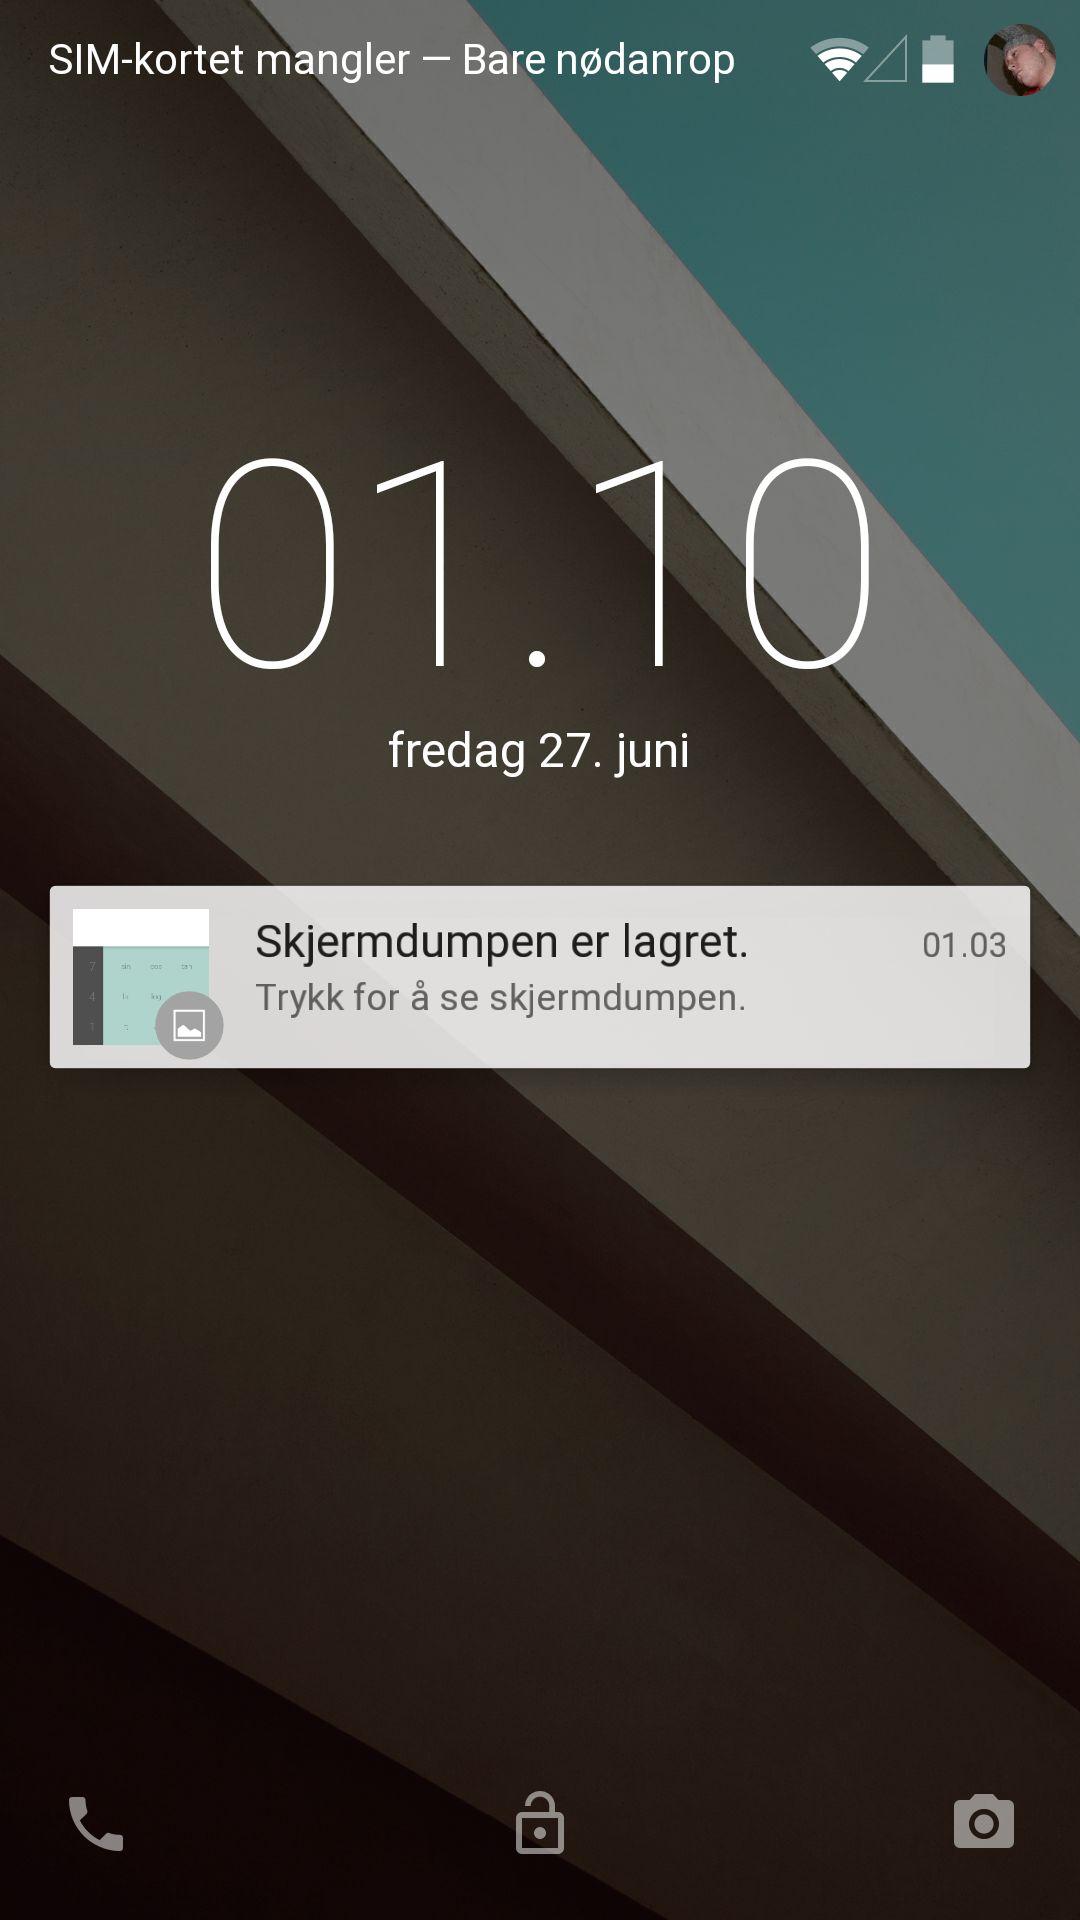 Nå gir Android varslinger på låseskjermen. Disse kan dobbeltklikkes for å åpne appen som hører til.